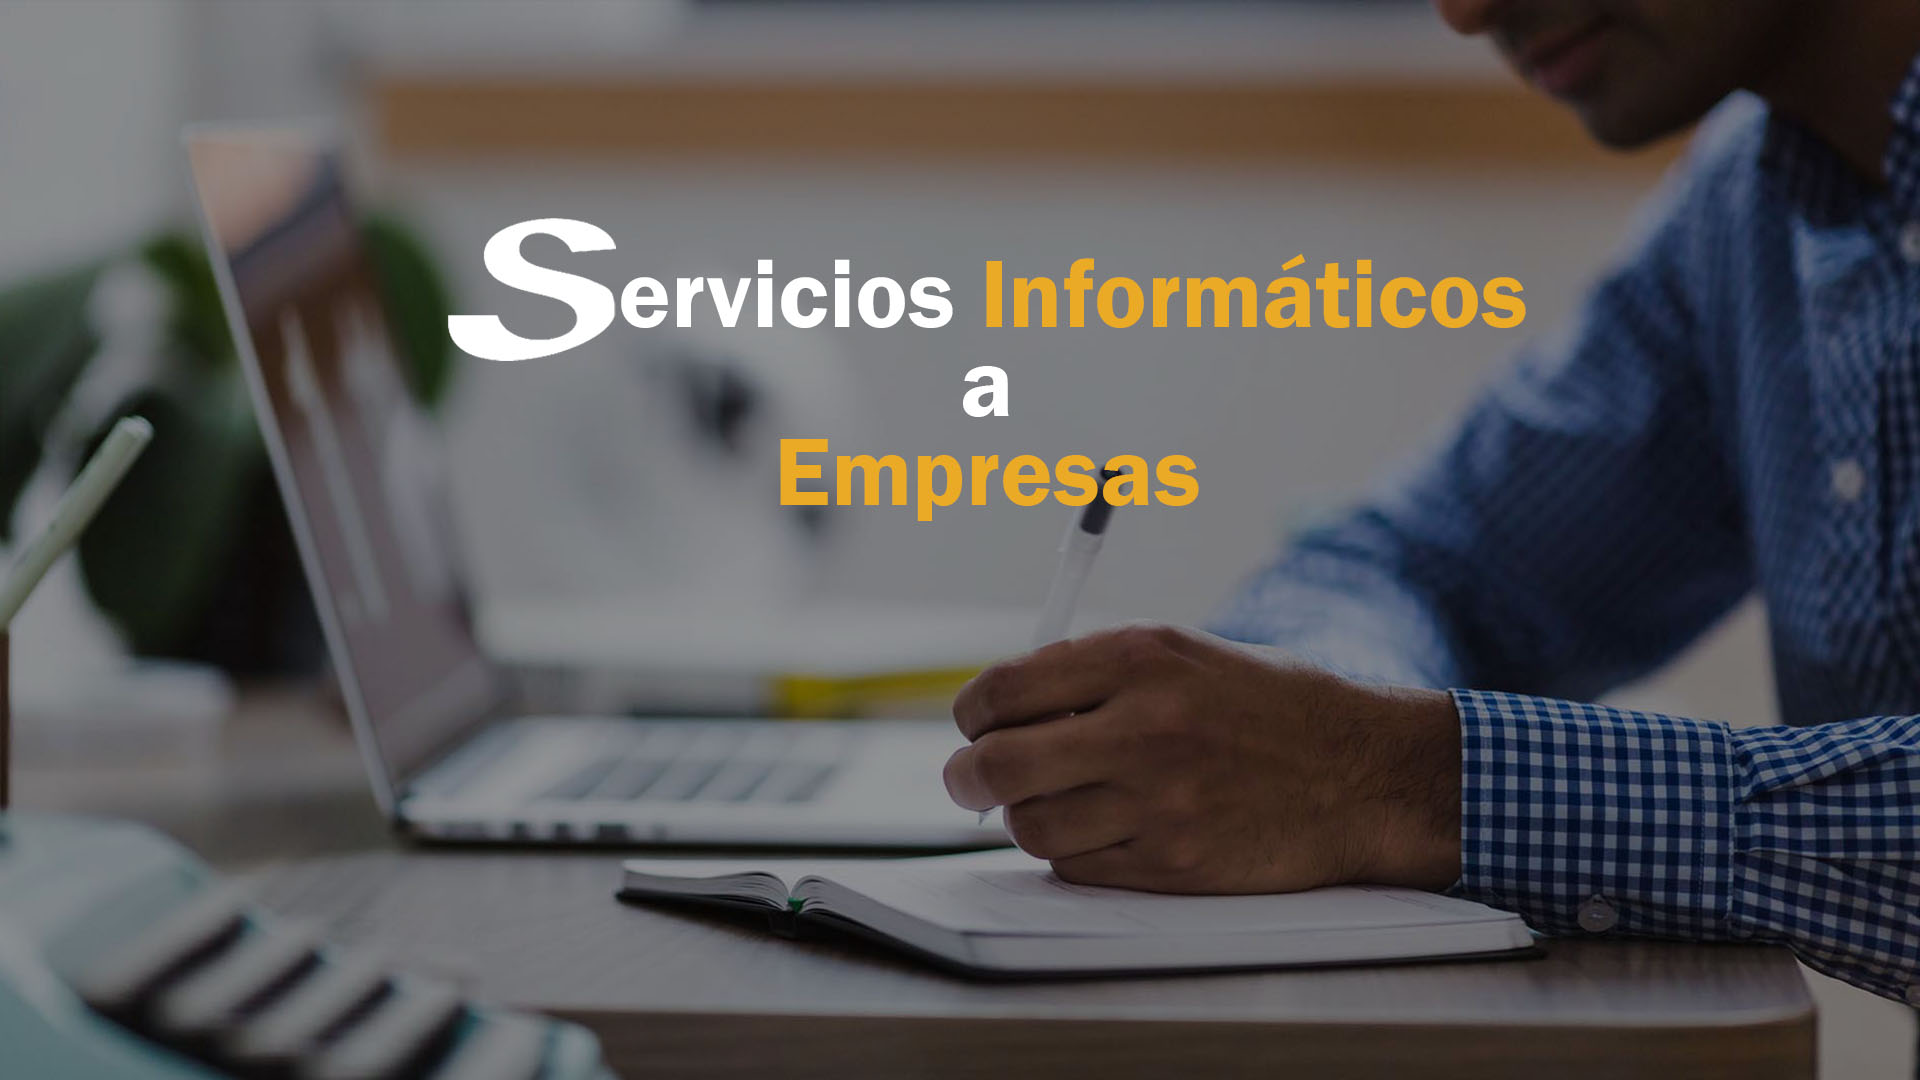 Servicios Informáticos a Empresas- SilvaniapC